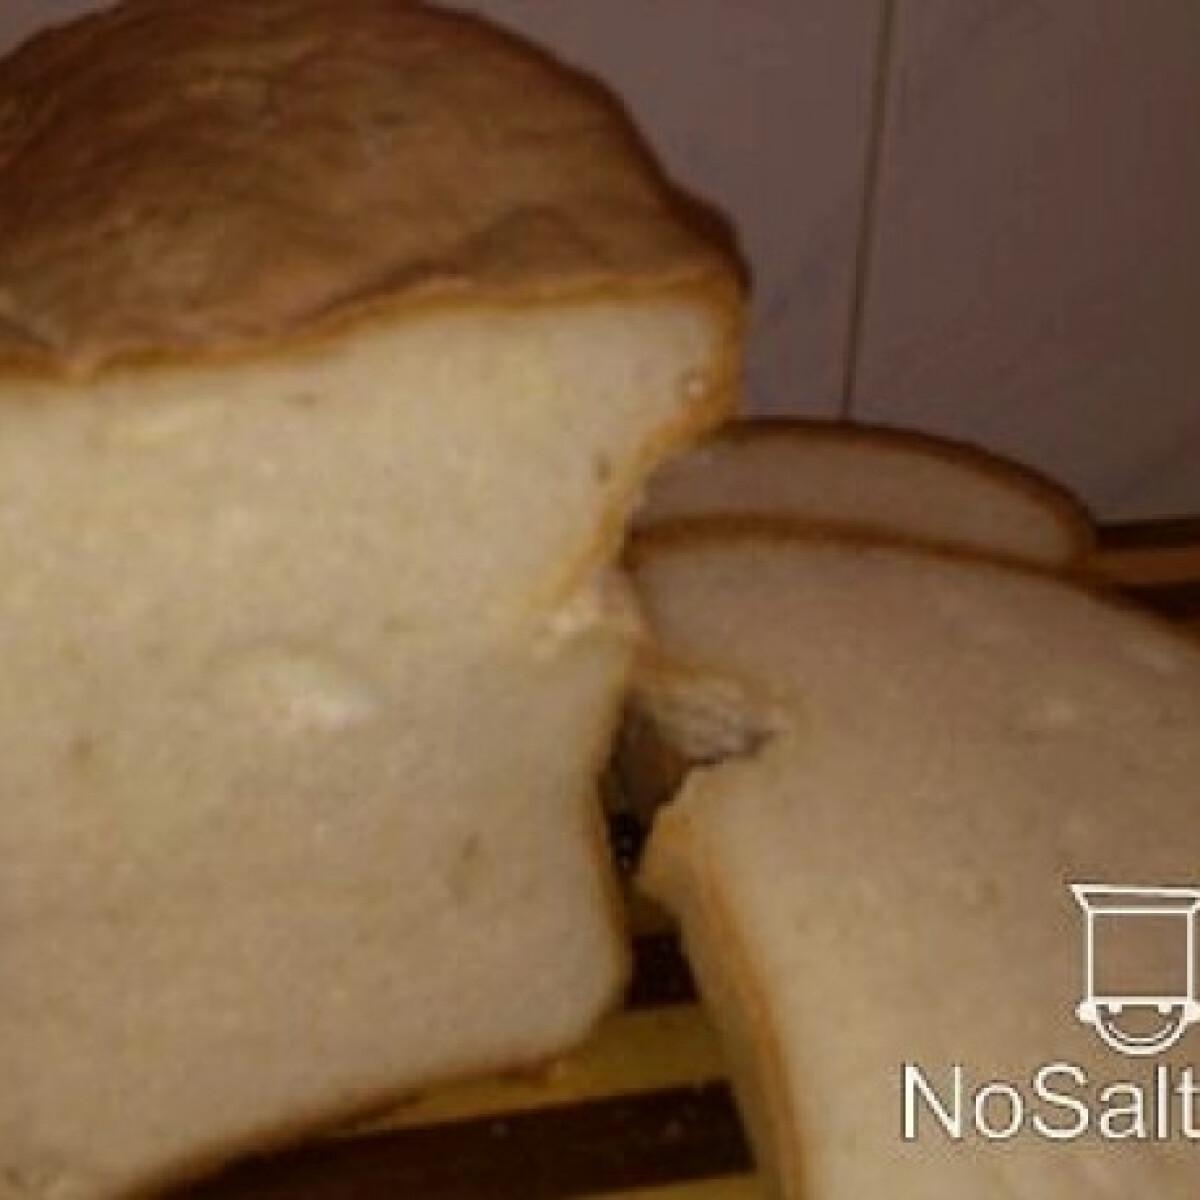 Ezen a képen: Gluténmentes kenyér burgonyapehellyel